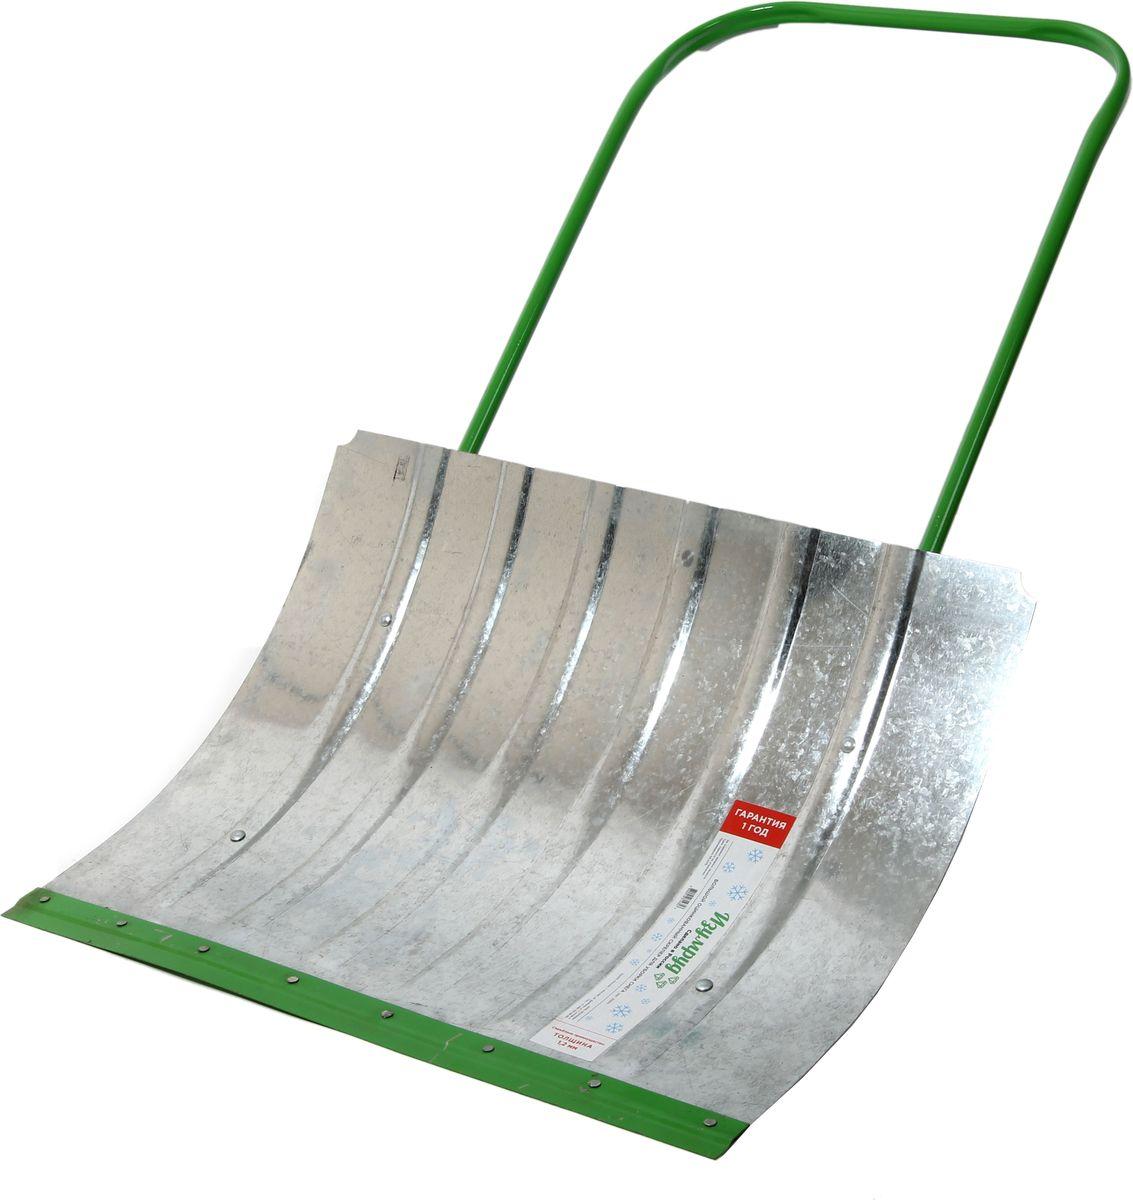 Скрепер для уборки снега Изумруд, оцинкованный, 75 x 60 см3002